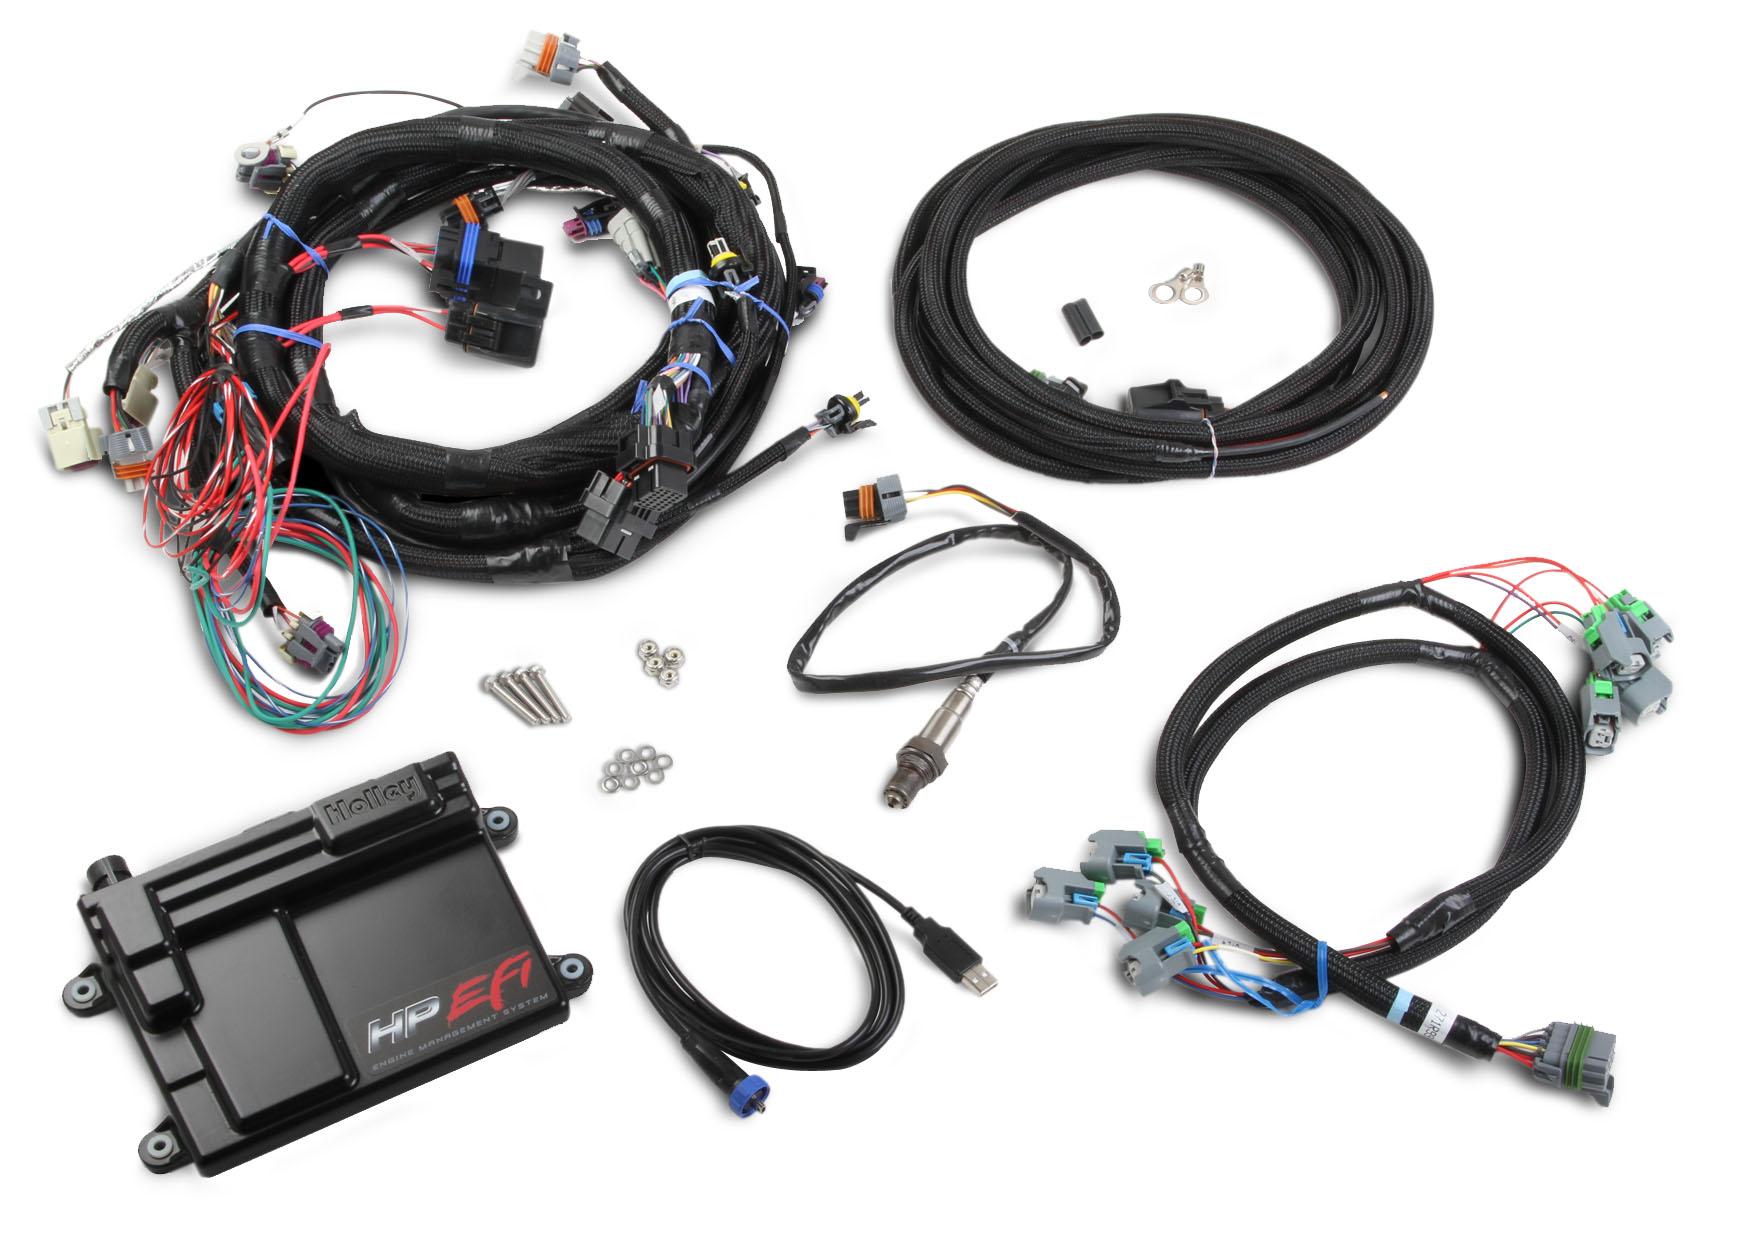 hight resolution of  wiring schematic diagram ls3 ls7 2 5 bar map sensor connector ls2 ls3 ls7 58x